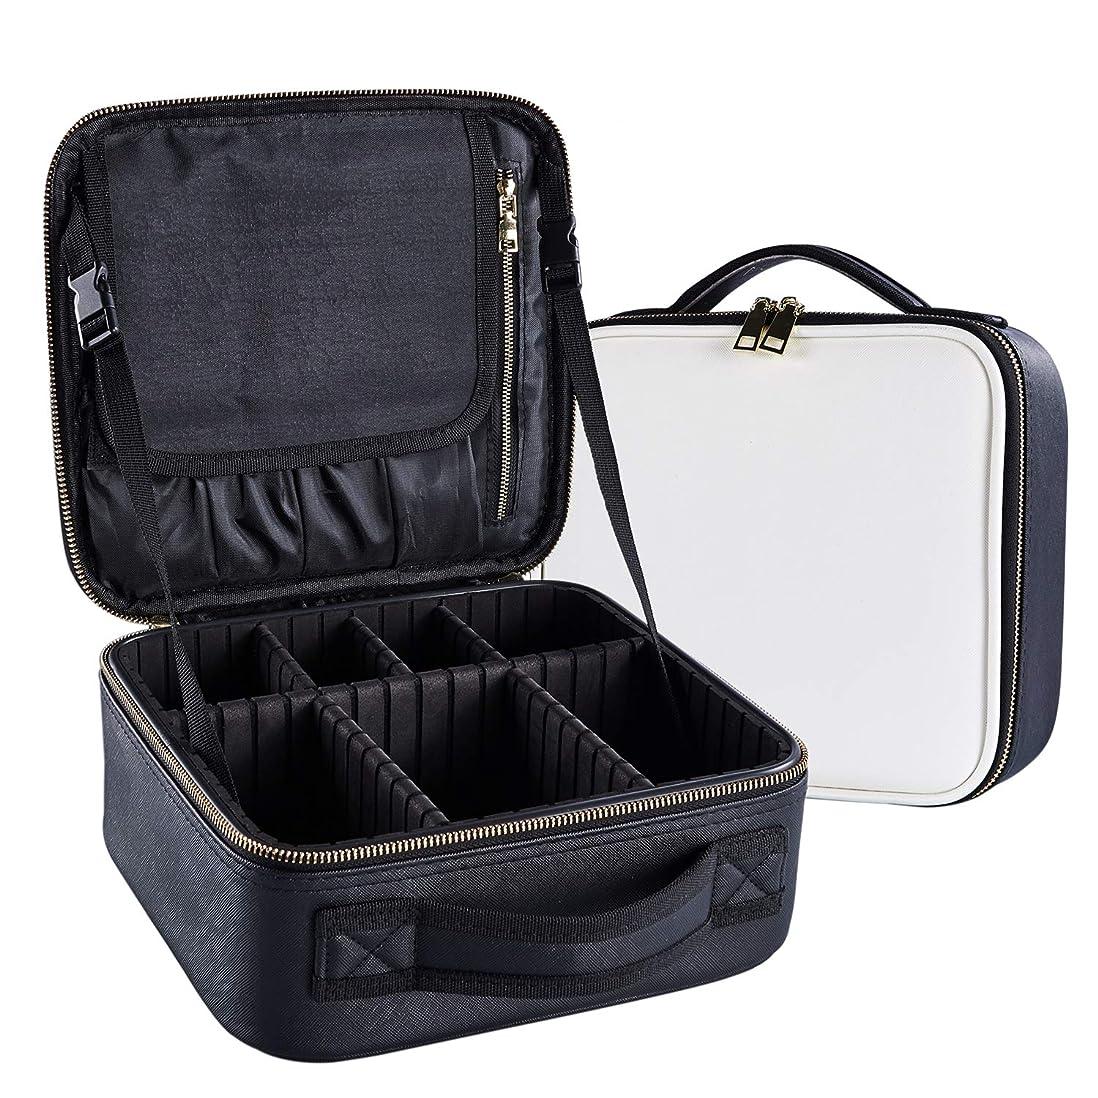 後退する撤回する頼るArcEnCiel メイクボックス プロ用 化粧道具 コスメ収納 化粧箱 收納抜群 大容量 メイクアップ ボックス